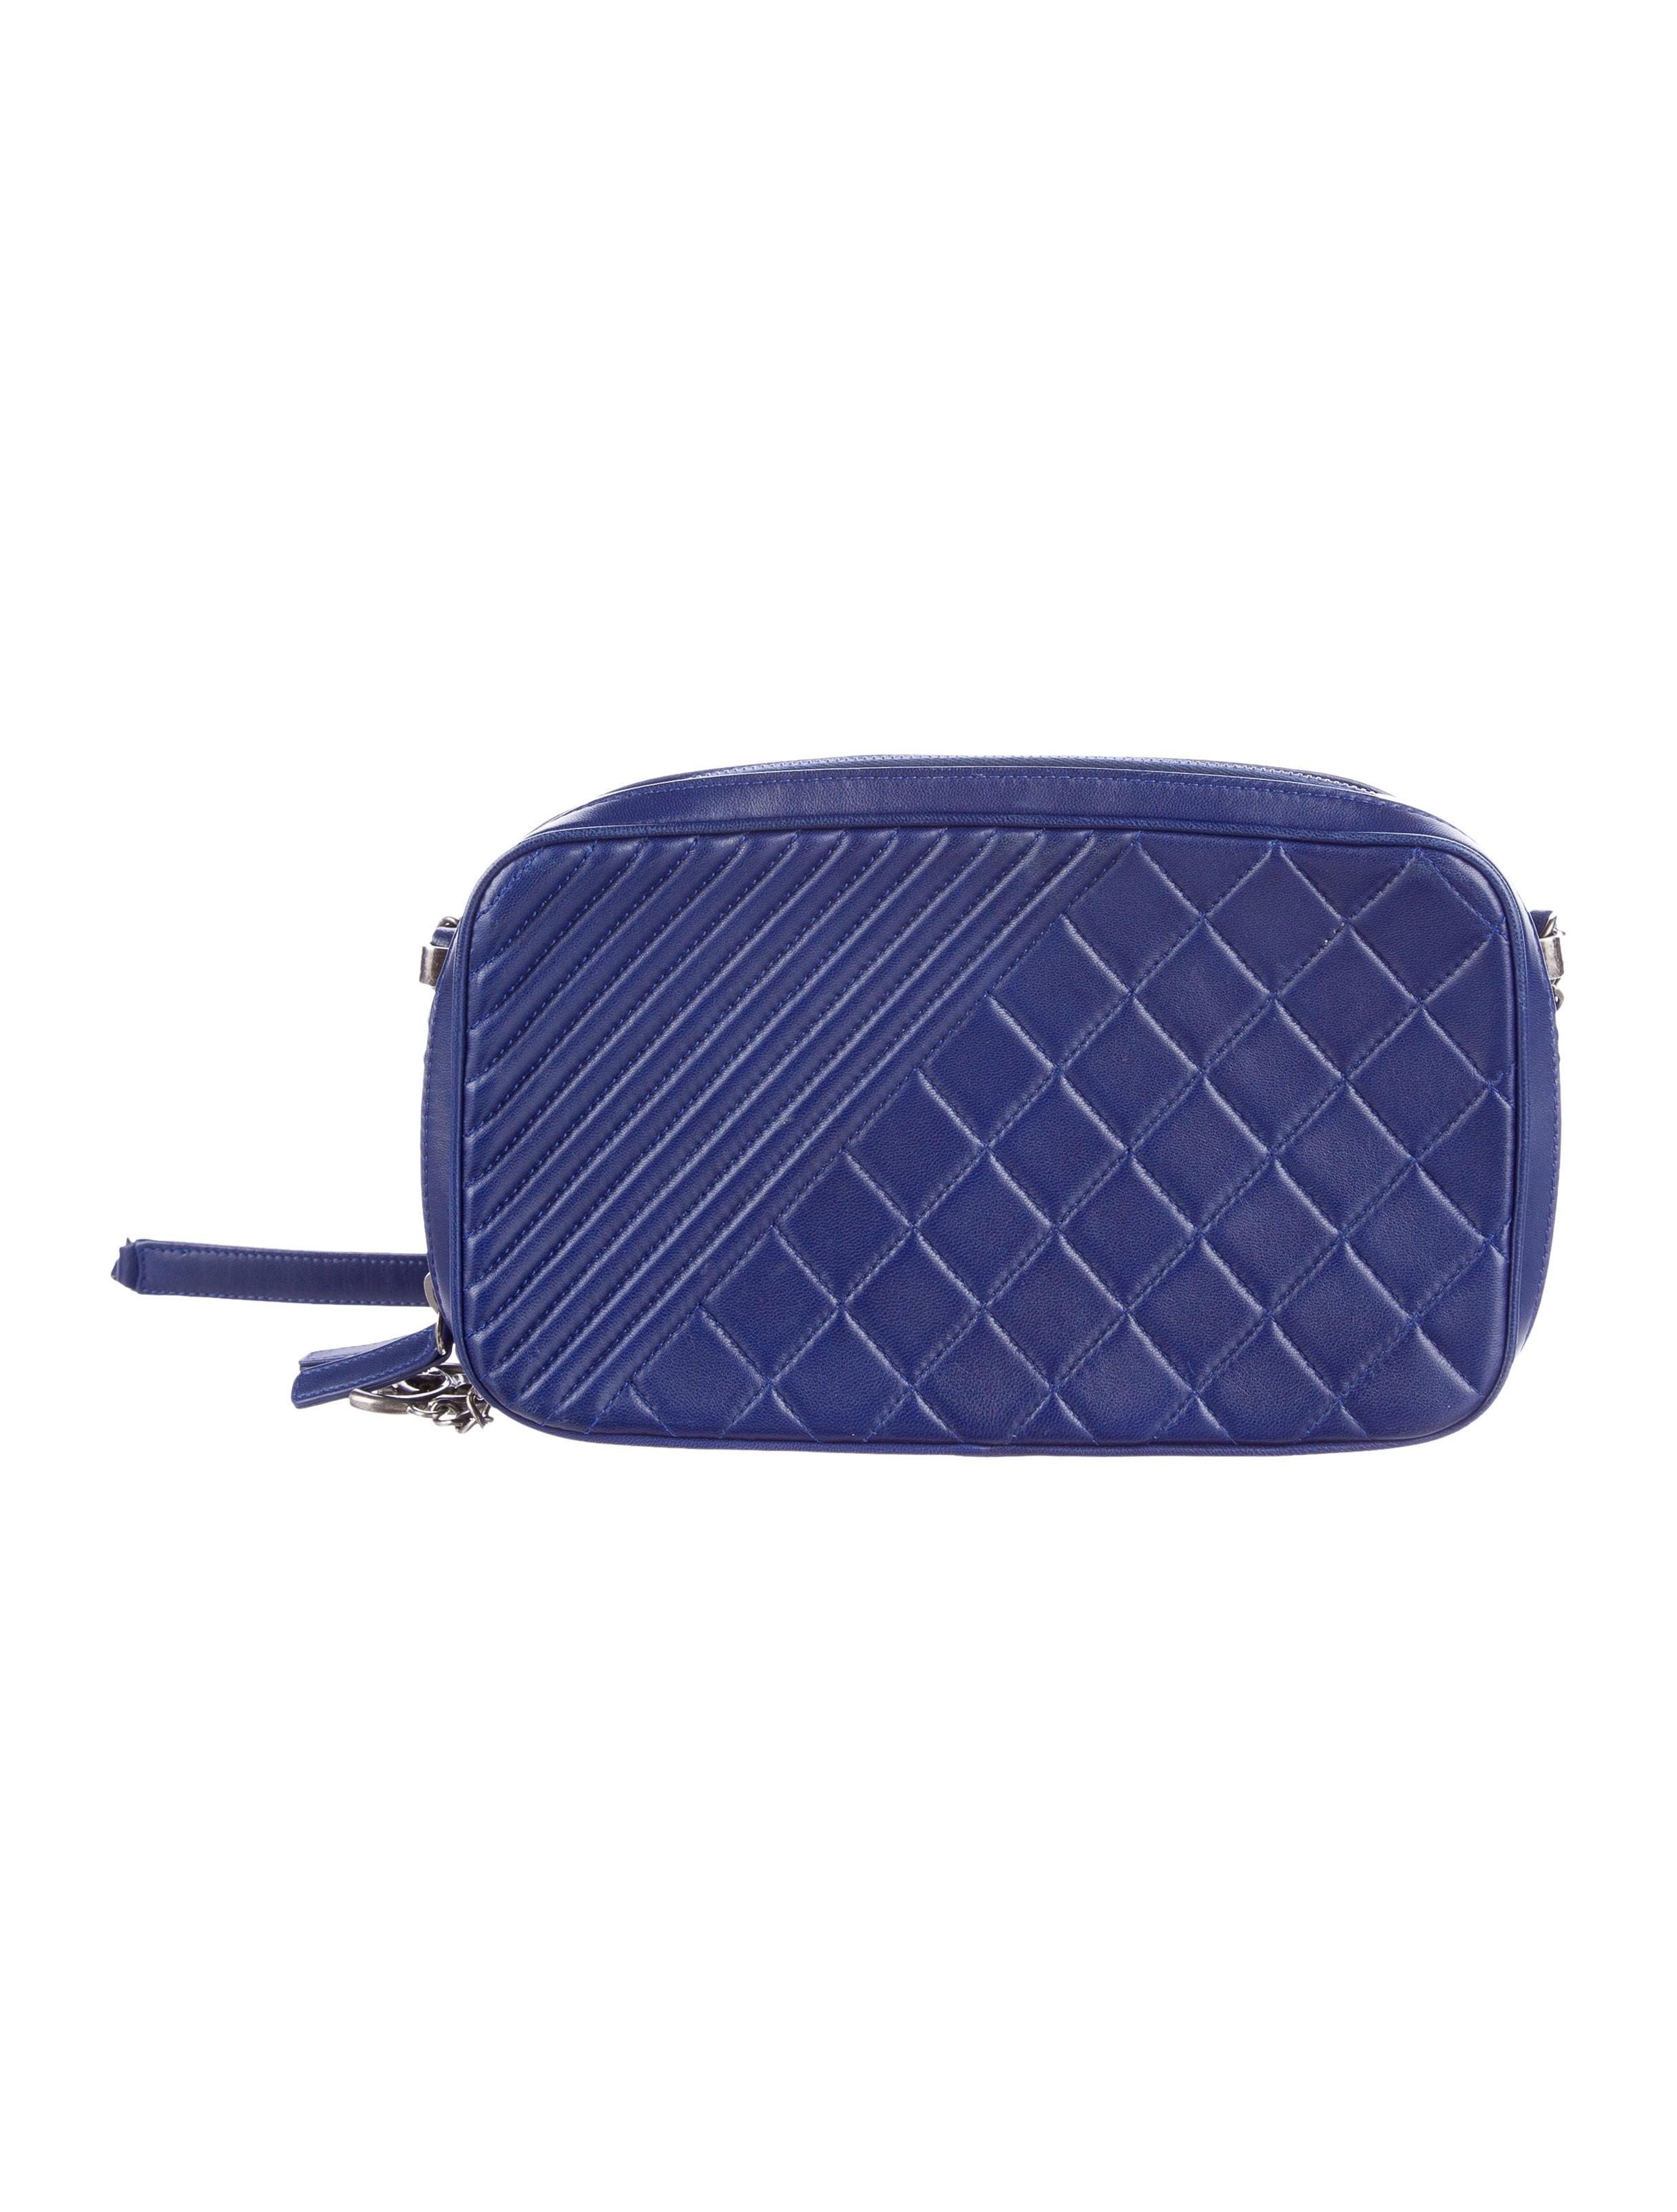 Chanel boy bag 2015